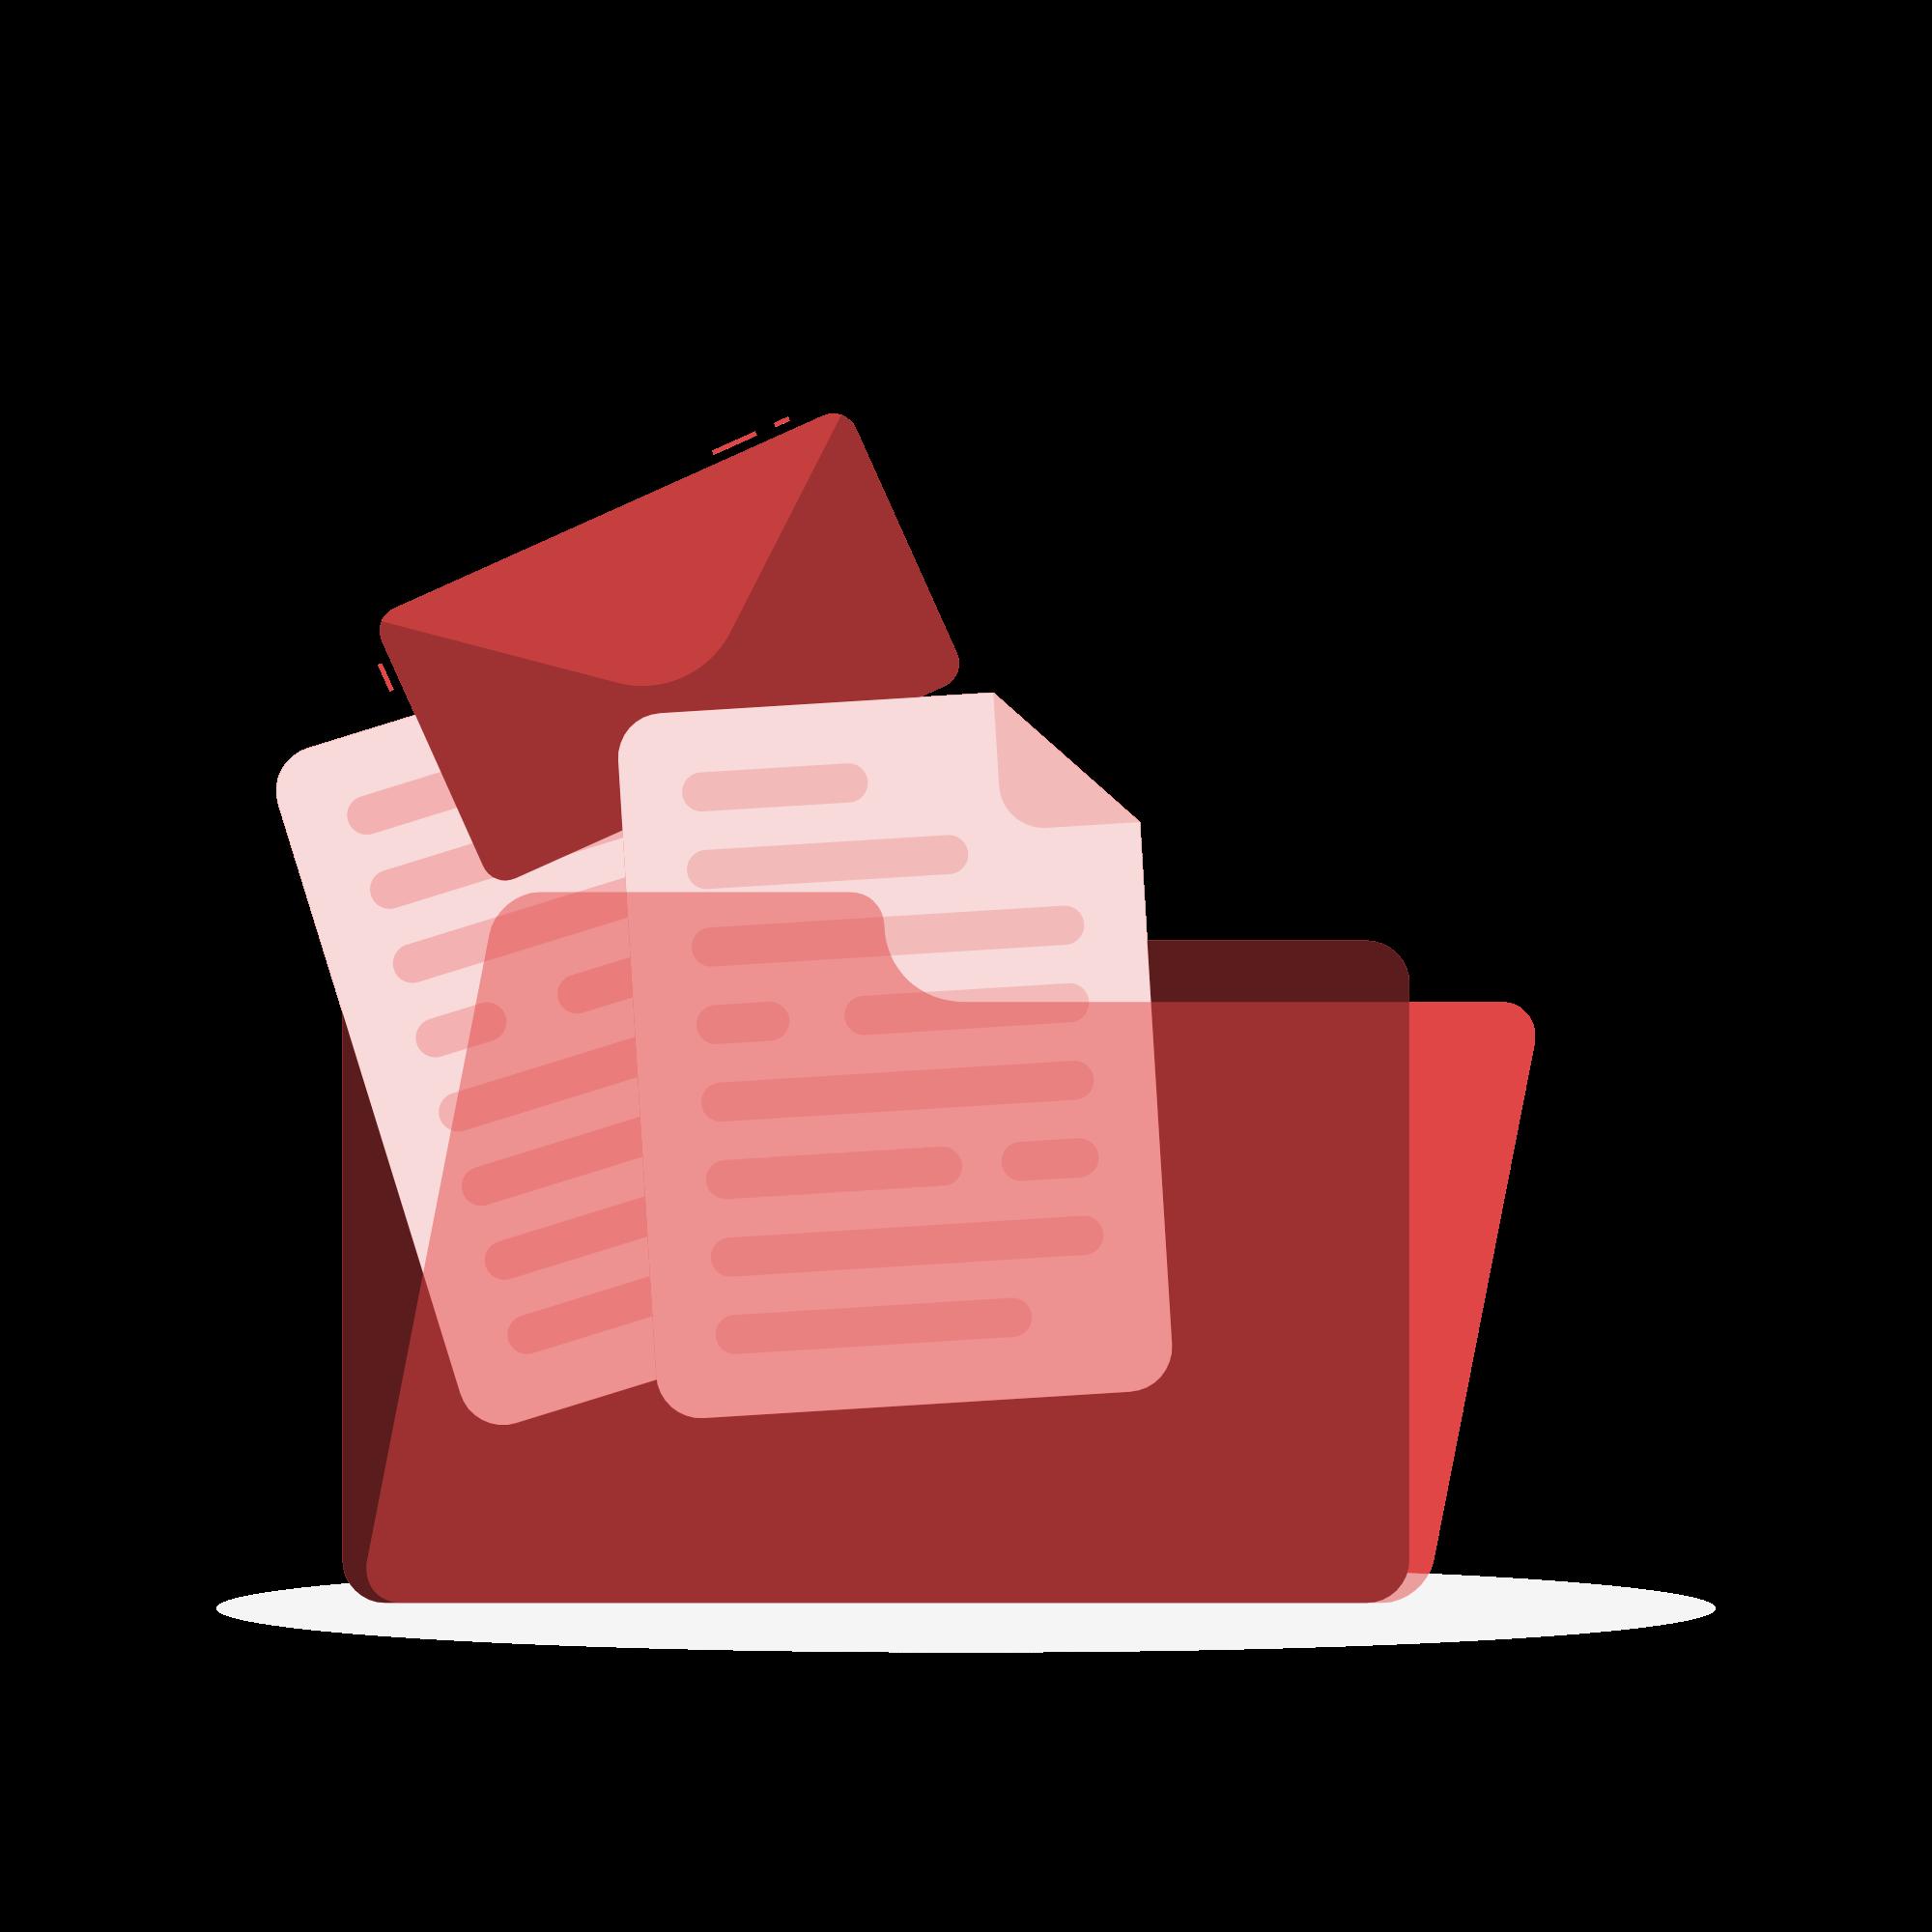 Documents-rafiki (2)